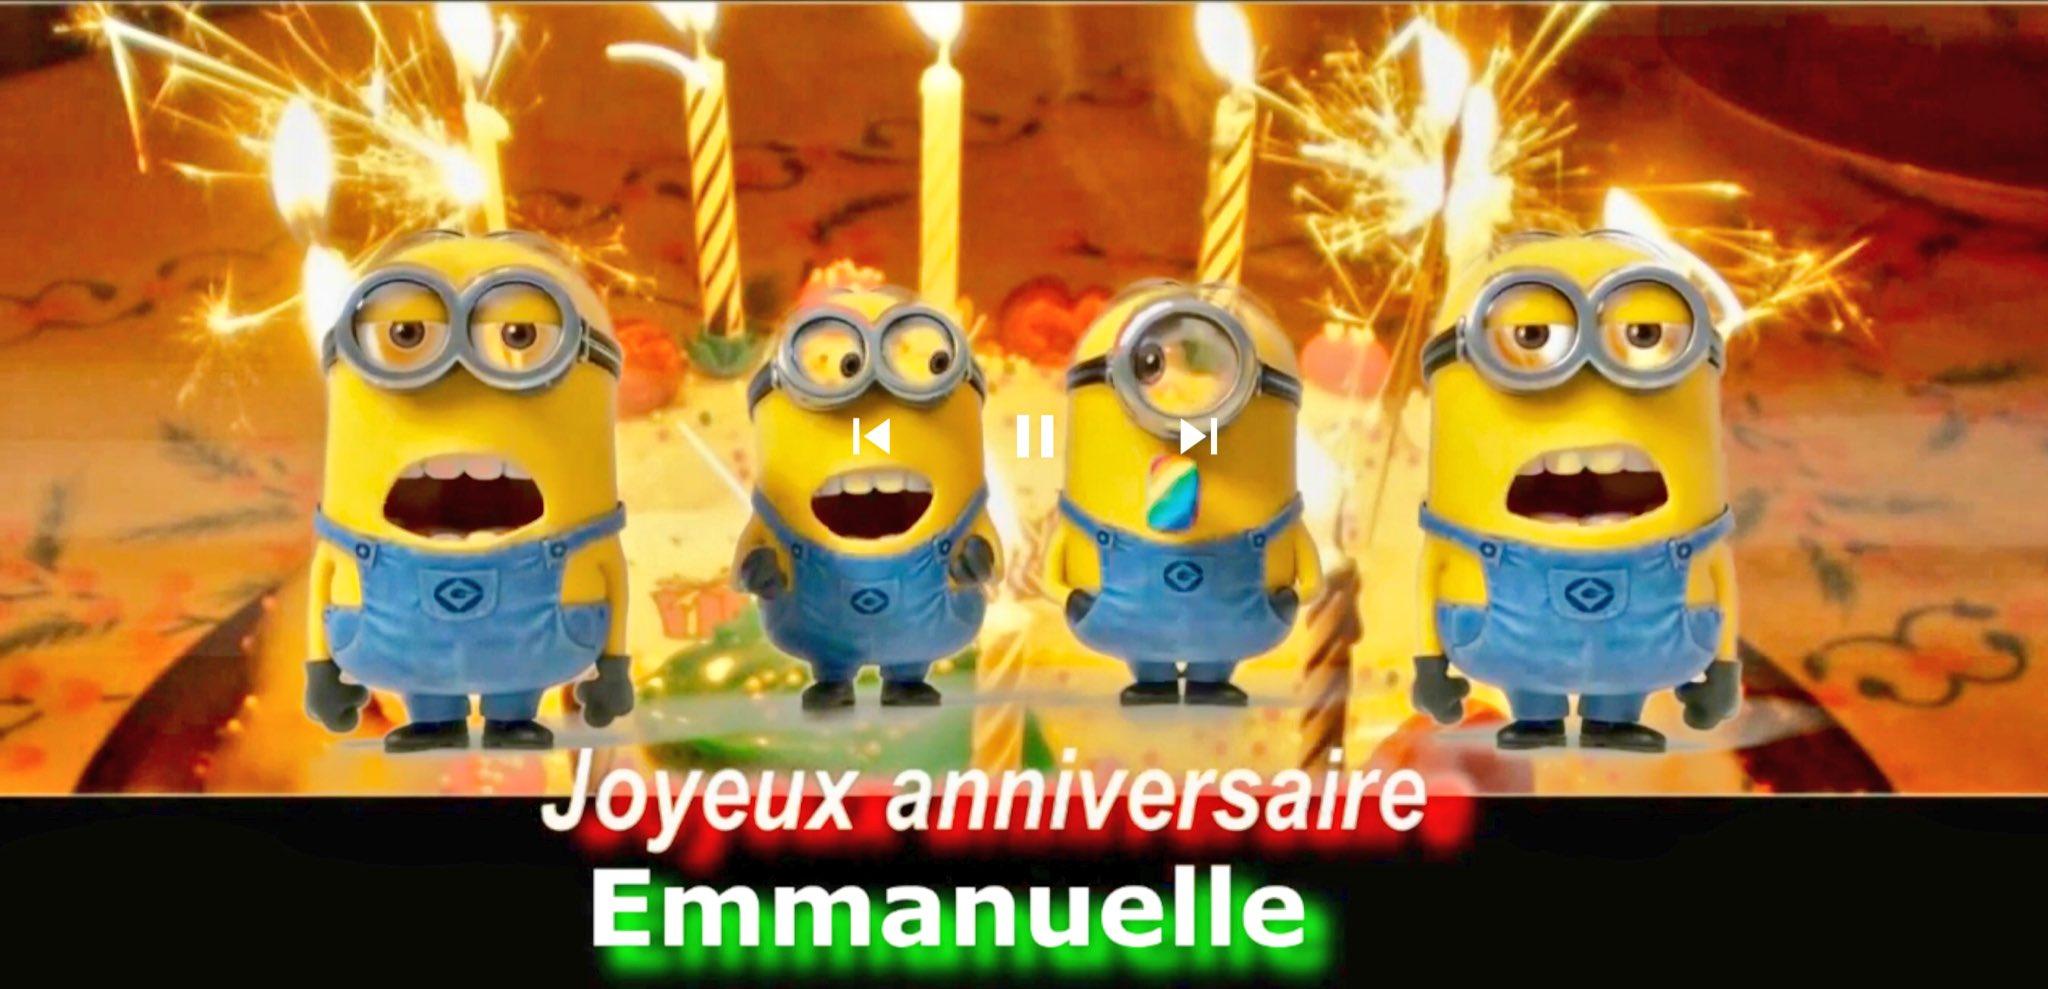 Emmanuel Philippi On Twitter Et Encore Un Joyeux Anniversaire